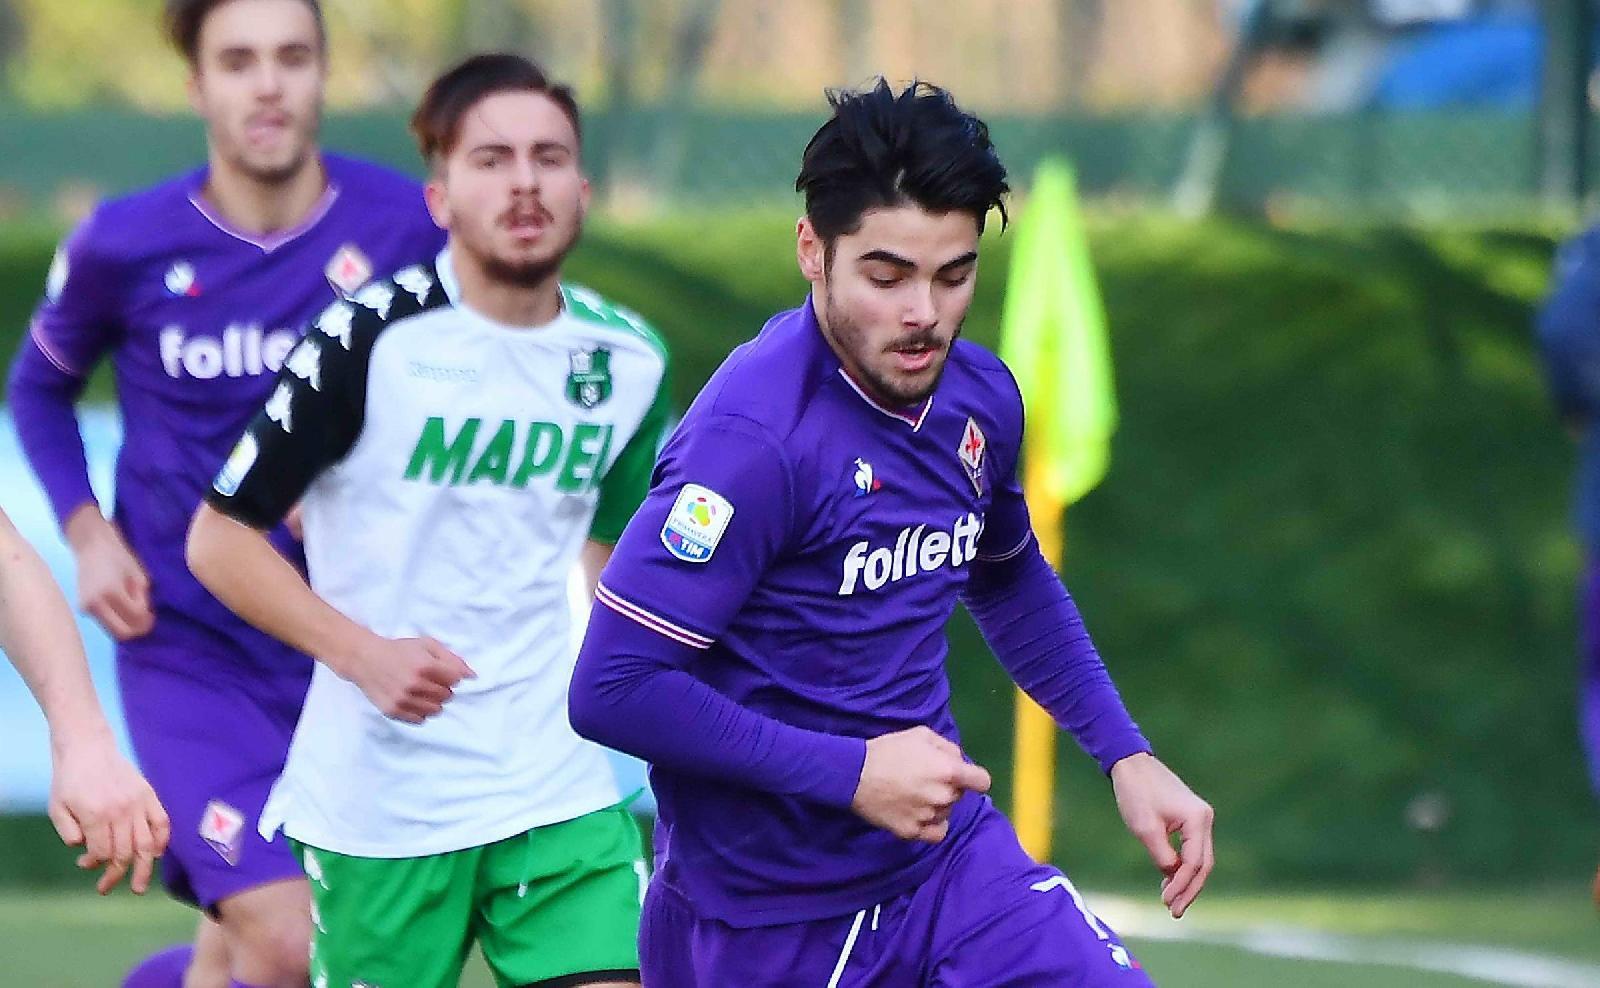 Allenamento Fiorentina Uomo